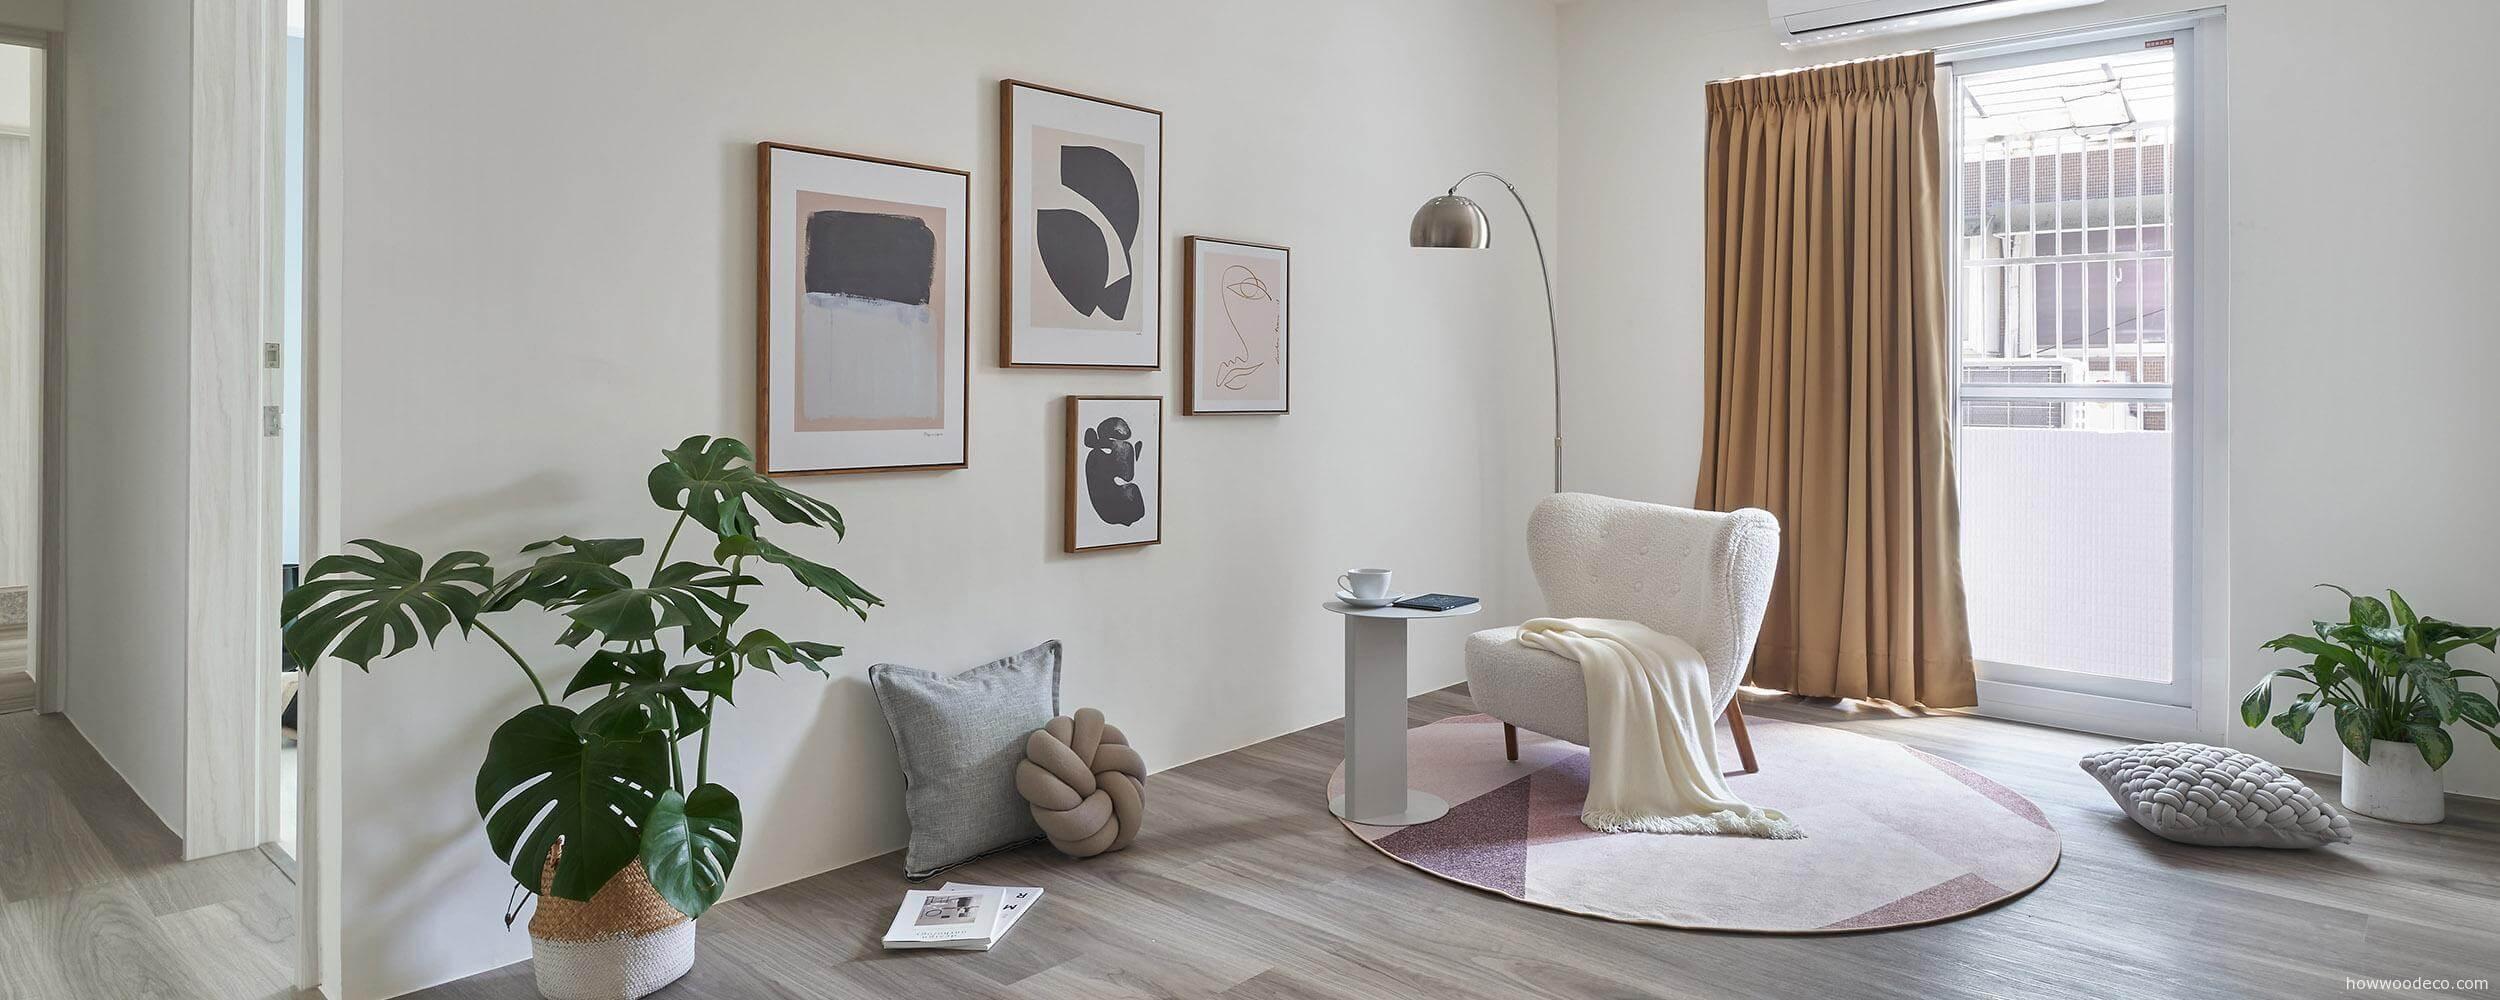 老屋翻修-北歐風-案例分享2-極簡風-裝修設計-室內設計